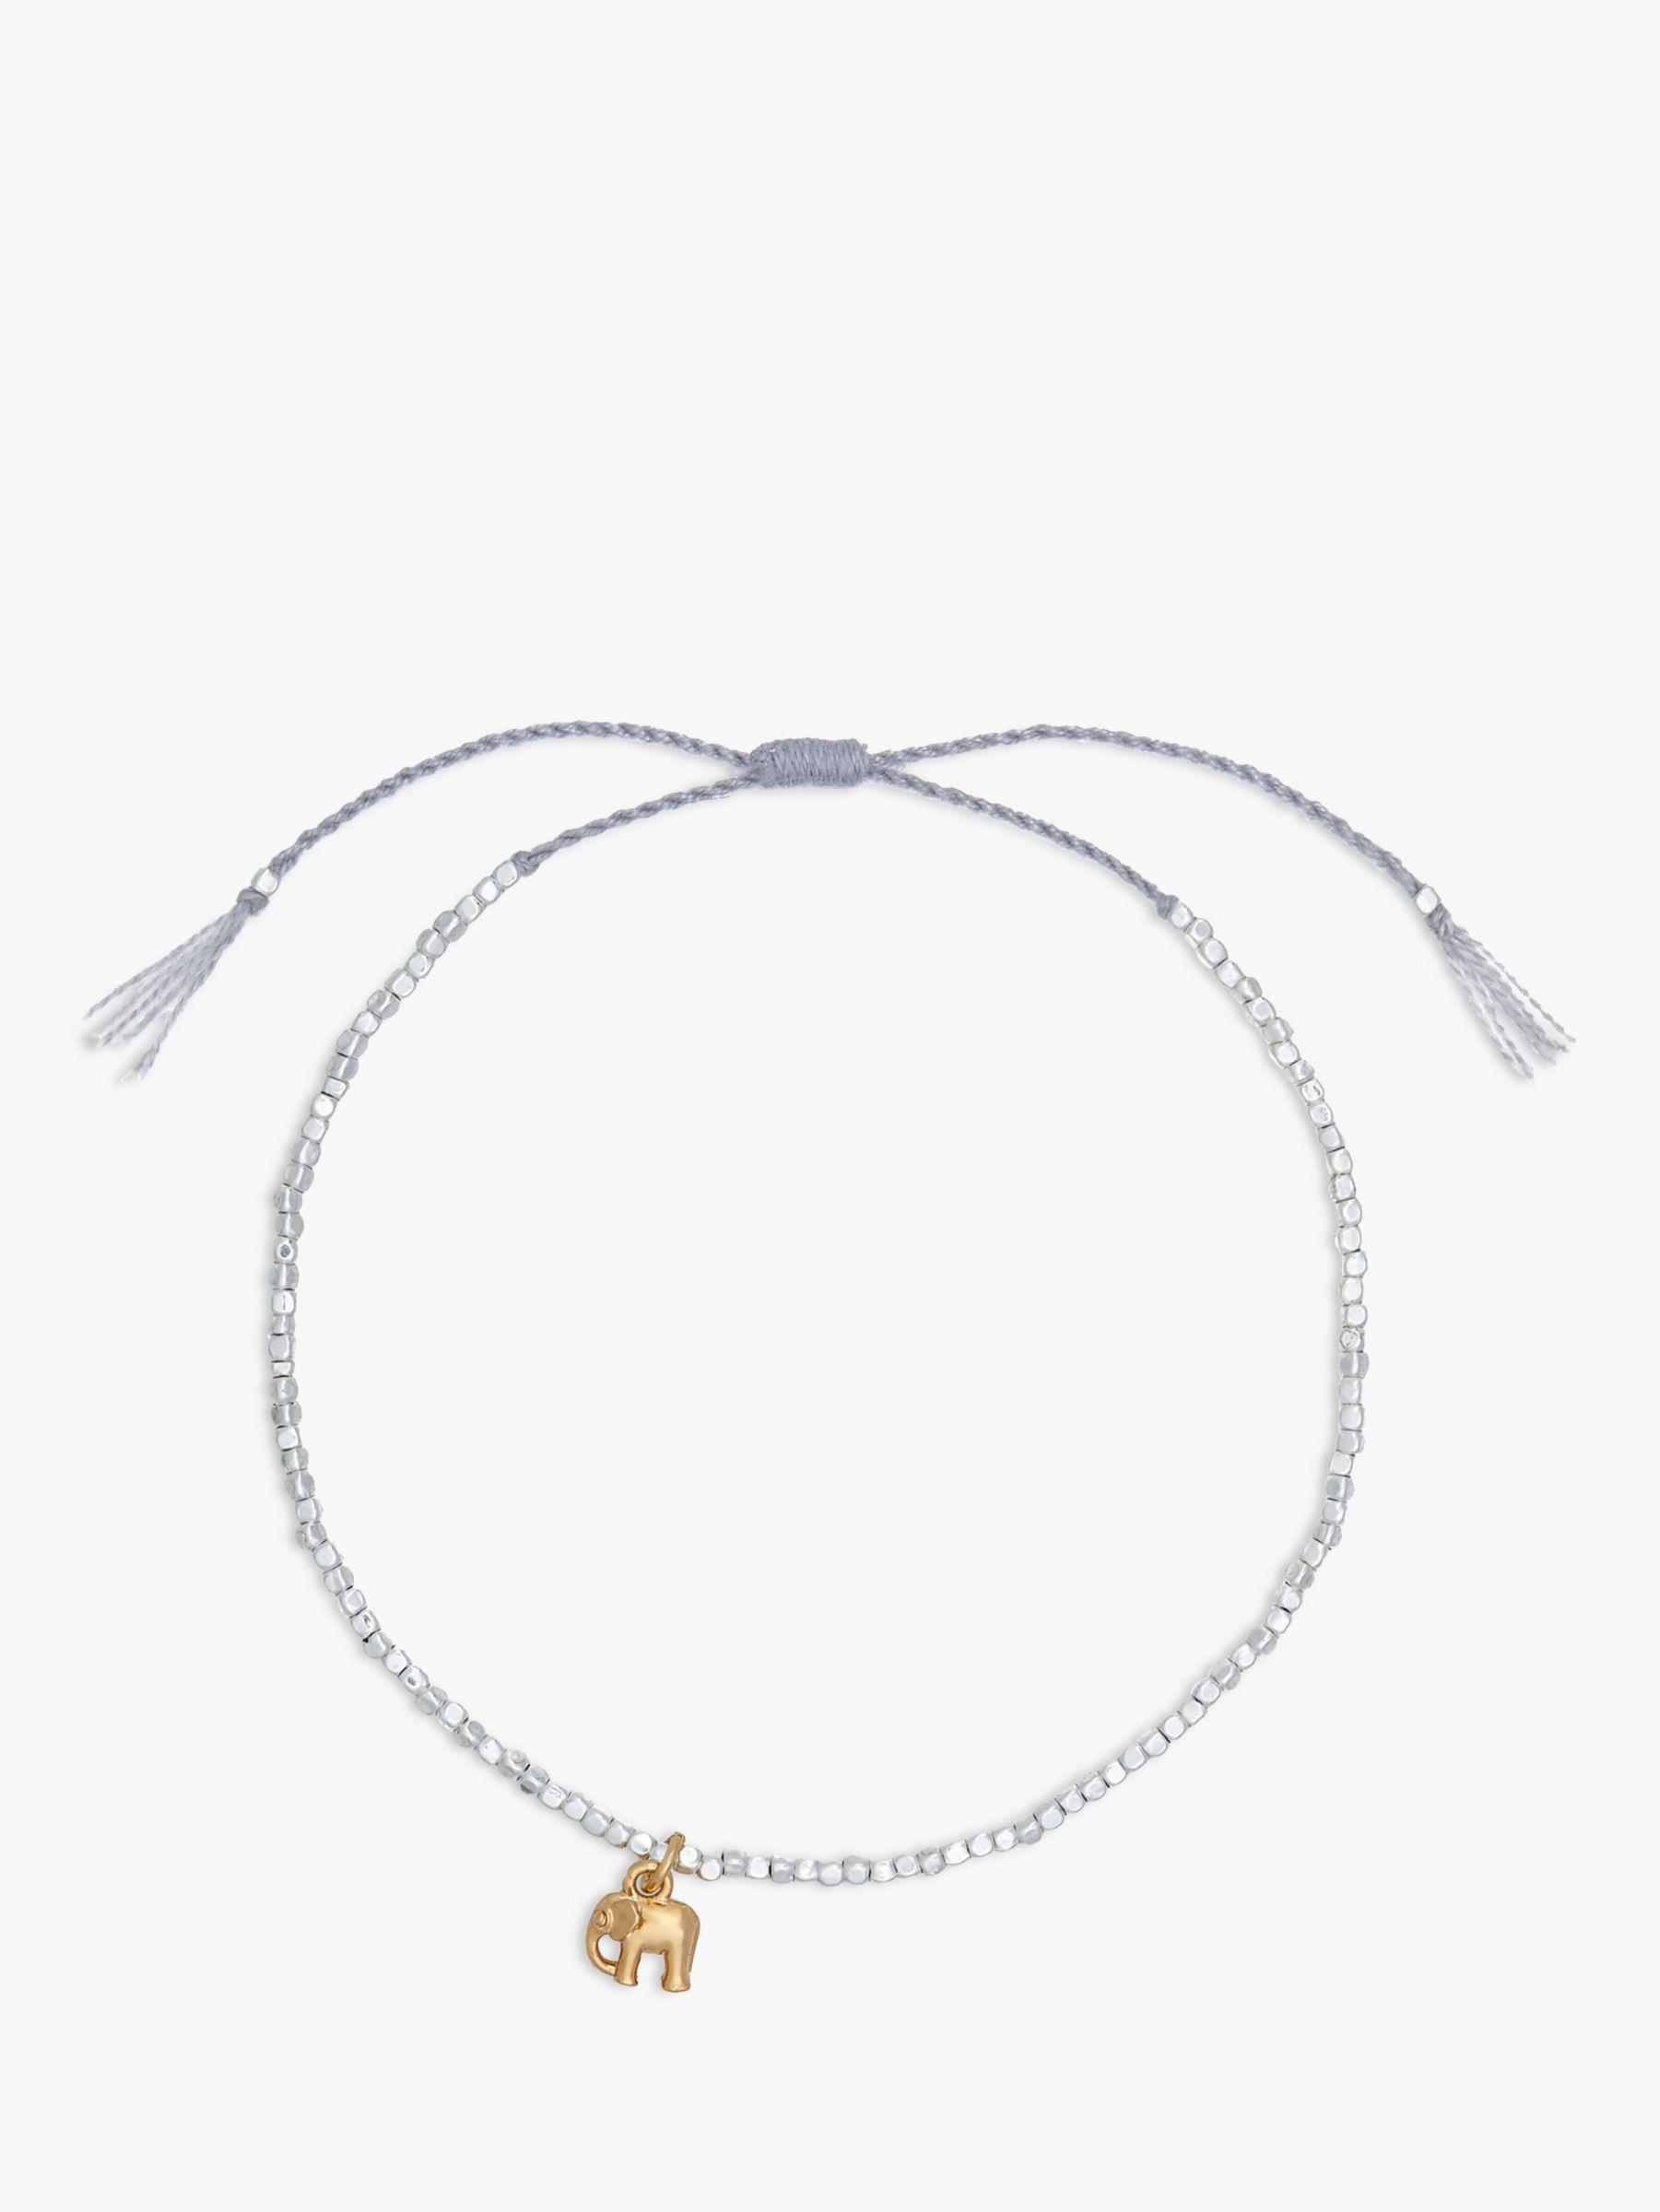 Estella Bartlett Estella Bartlett Louise Elephant Charm Bracelet, Silver/Gold